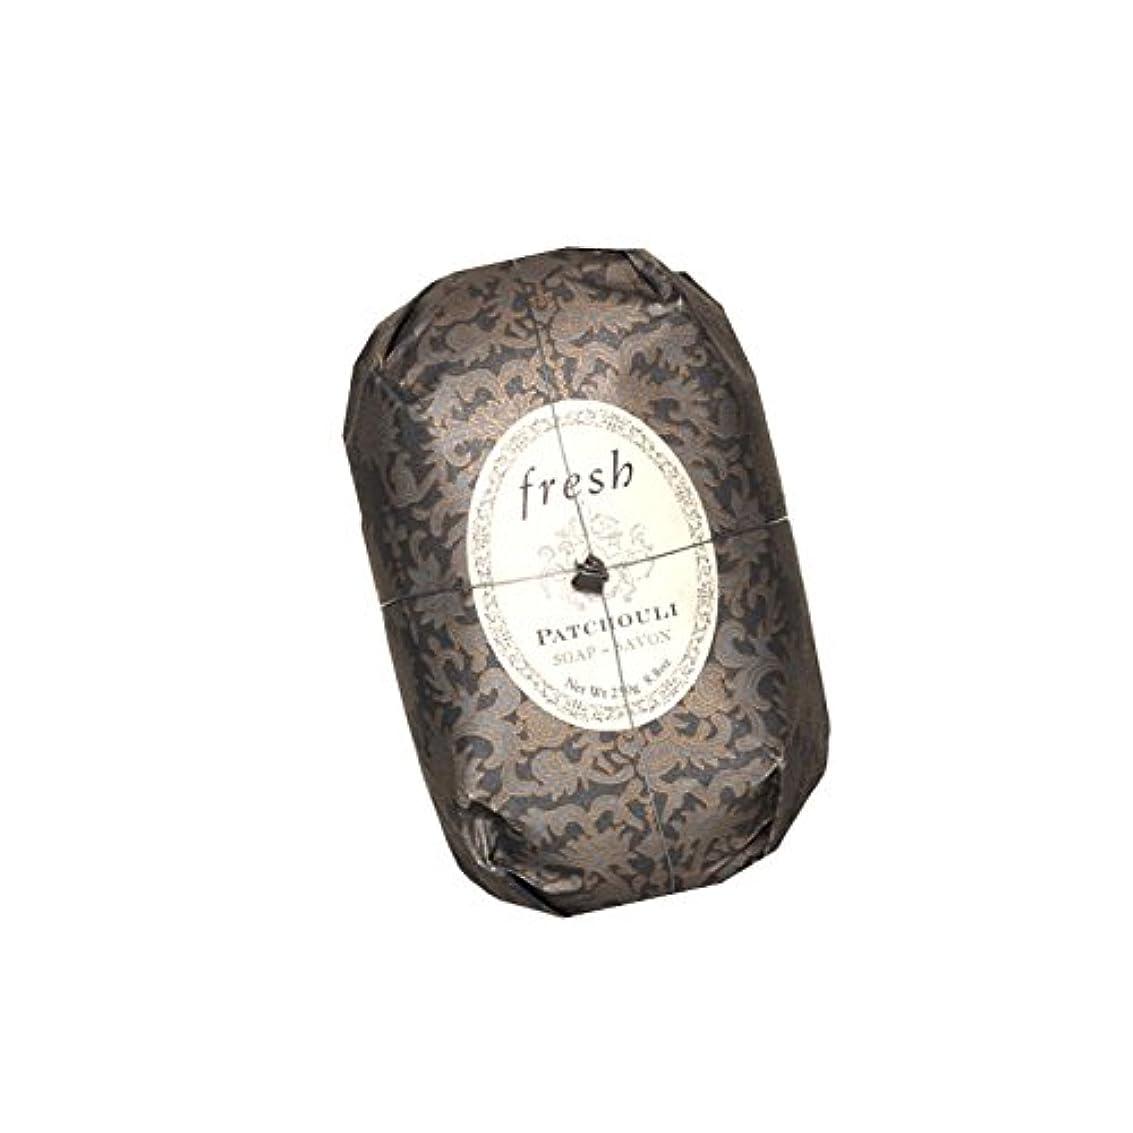 バンカー慎重刺激するFresh フレッシュ Patchouli Soap 石鹸, 250g/8.8oz. [海外直送品] [並行輸入品]